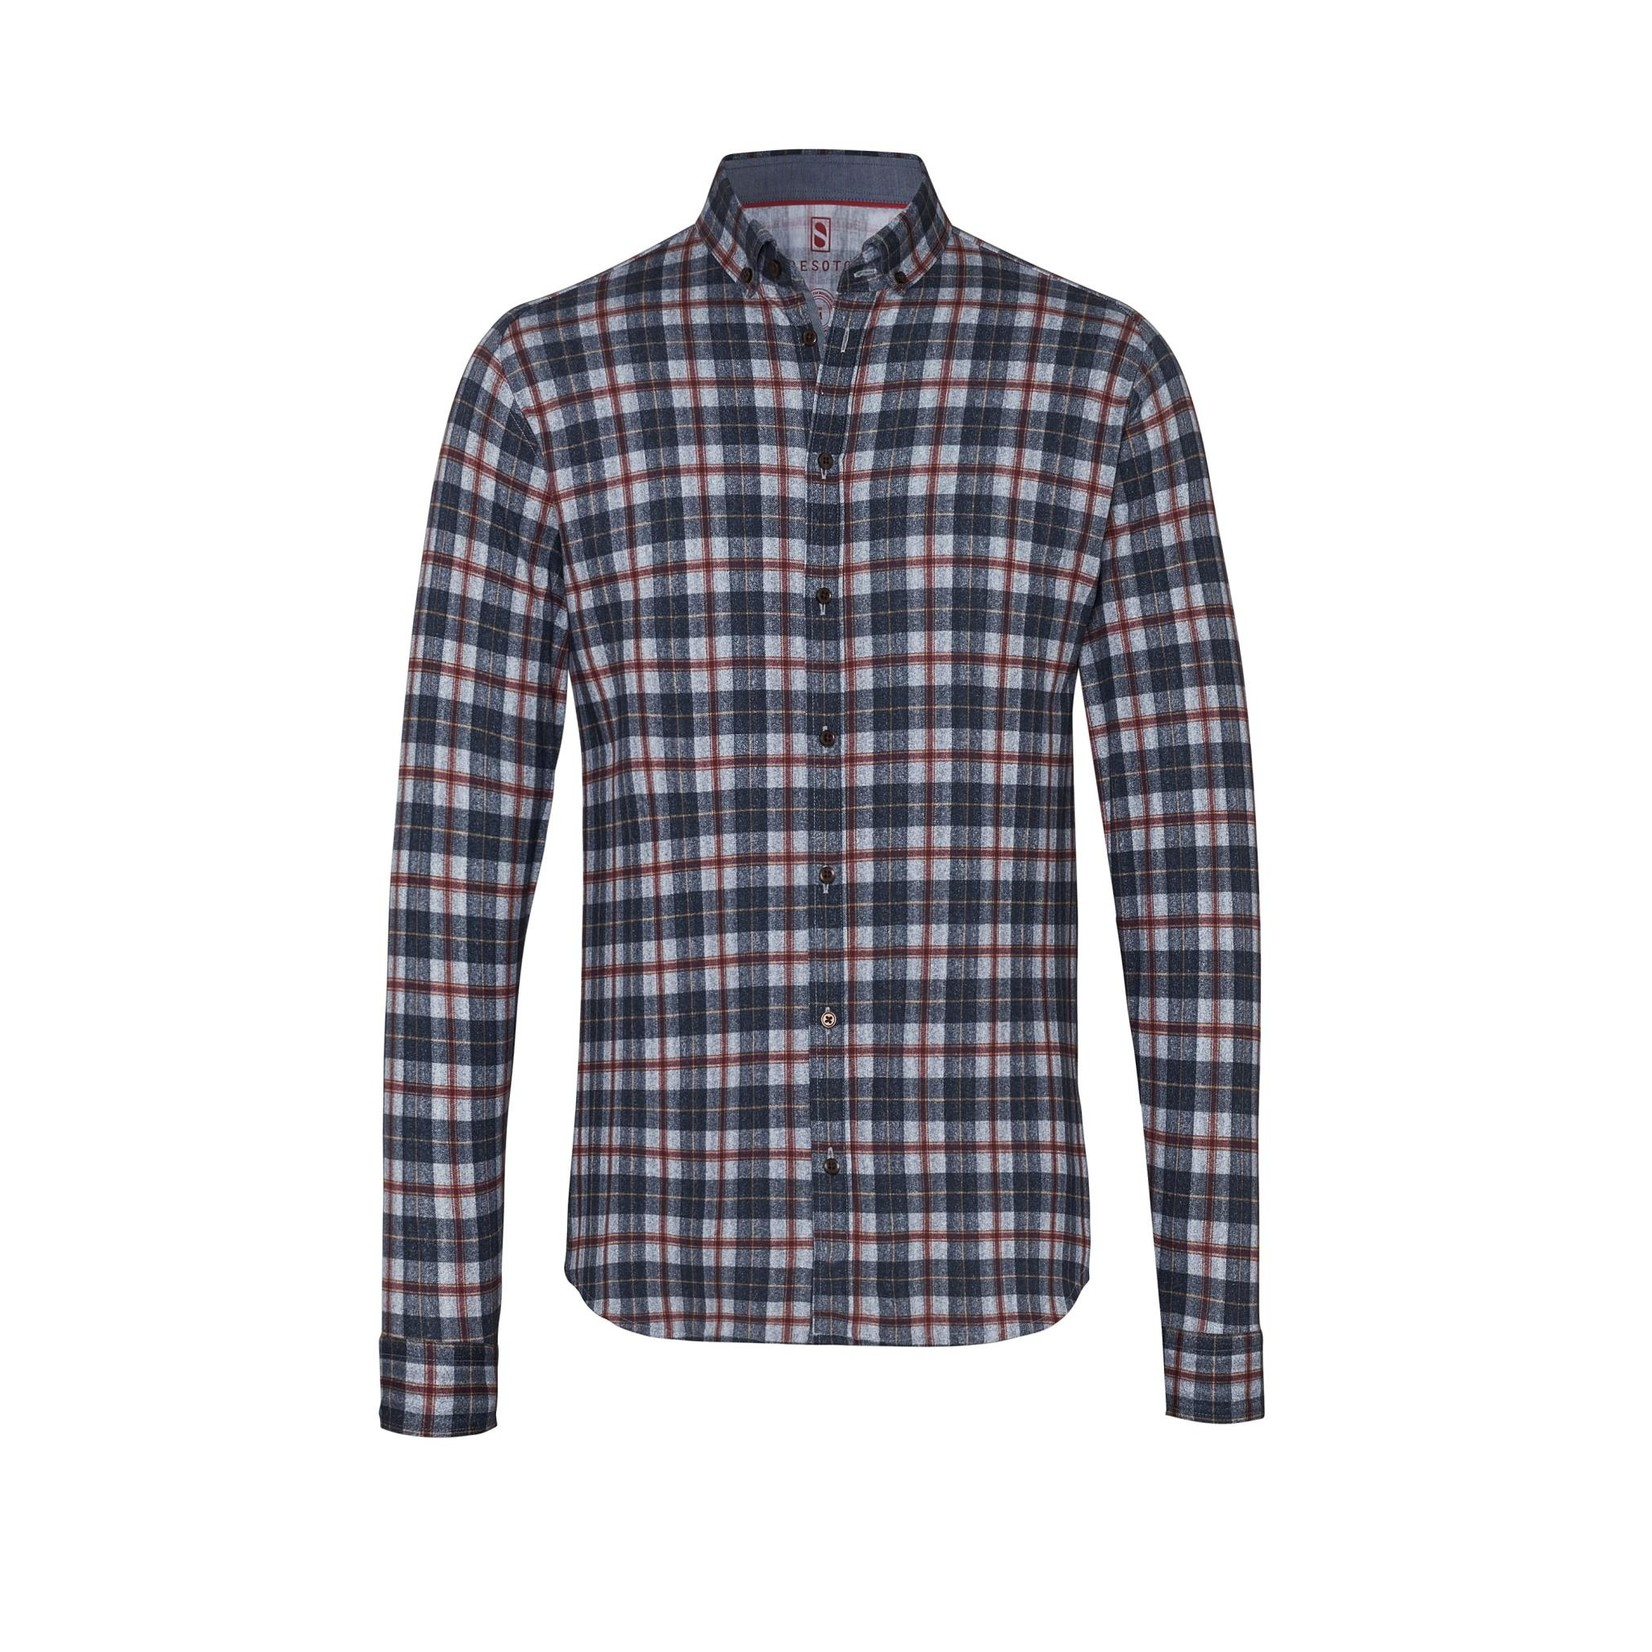 Desoto jersey overhemd blauwe en rode ruit